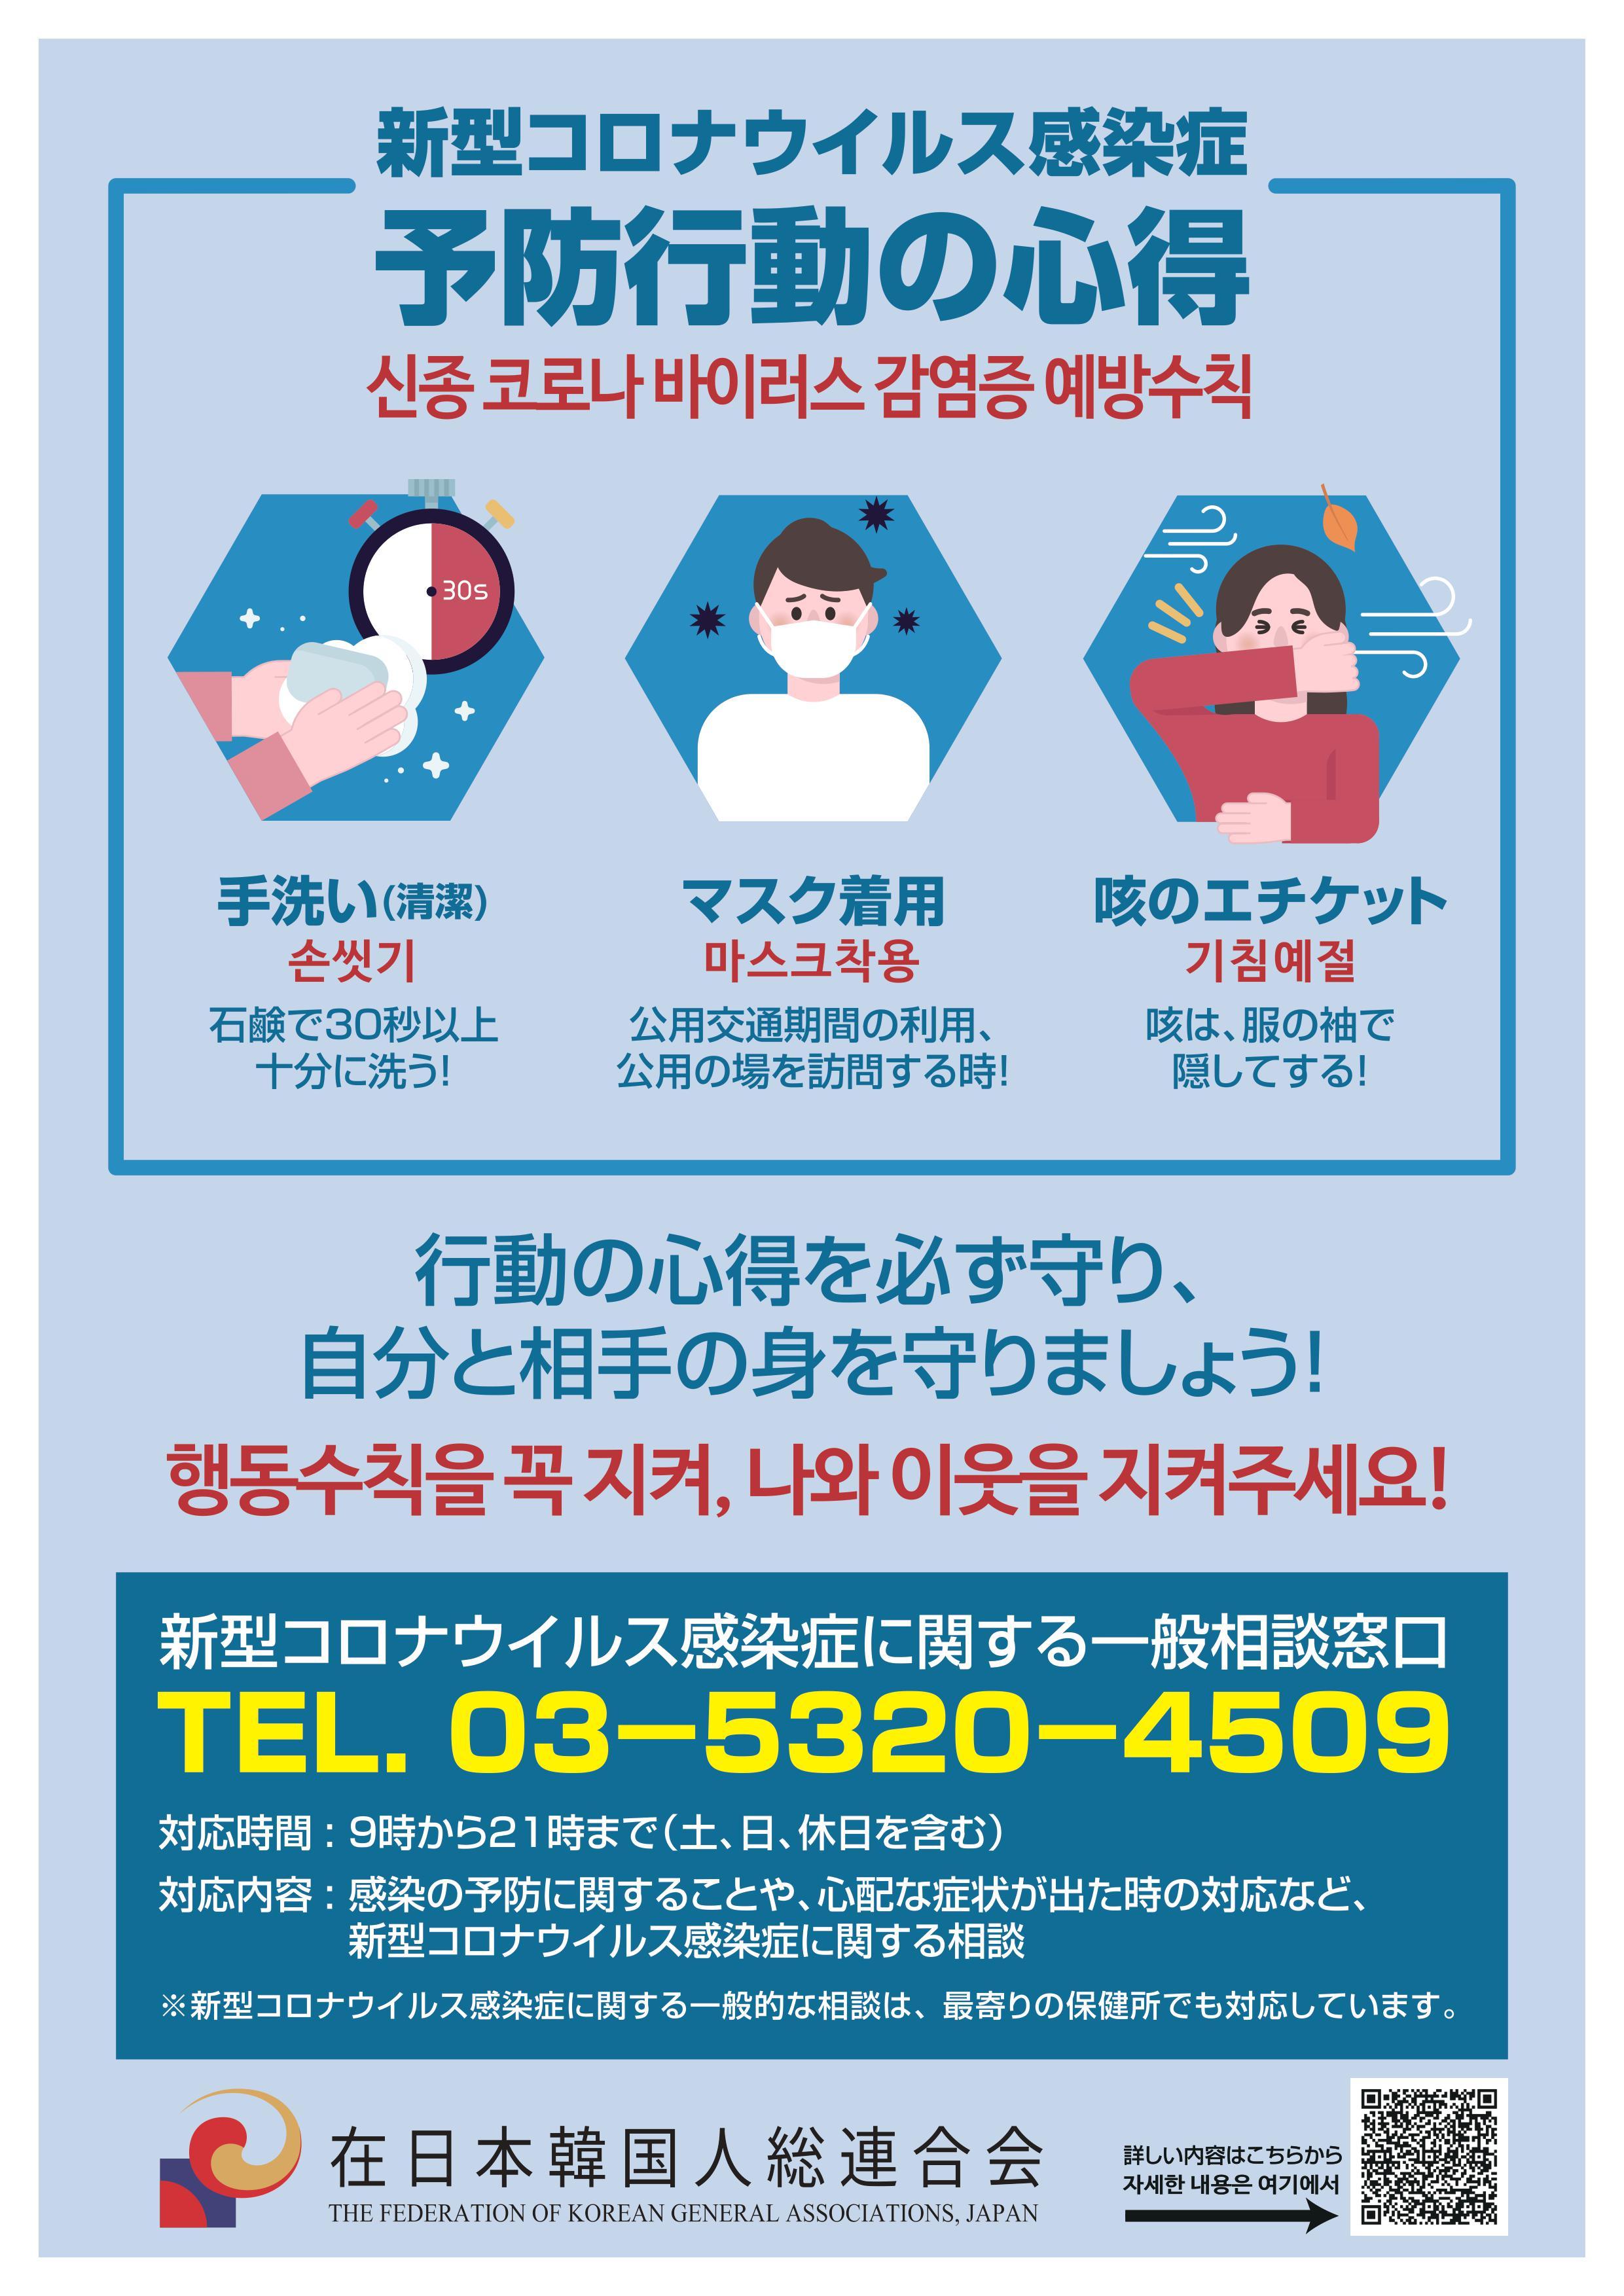 [한인회] 코로나19 감염증 예방수칙.jpg